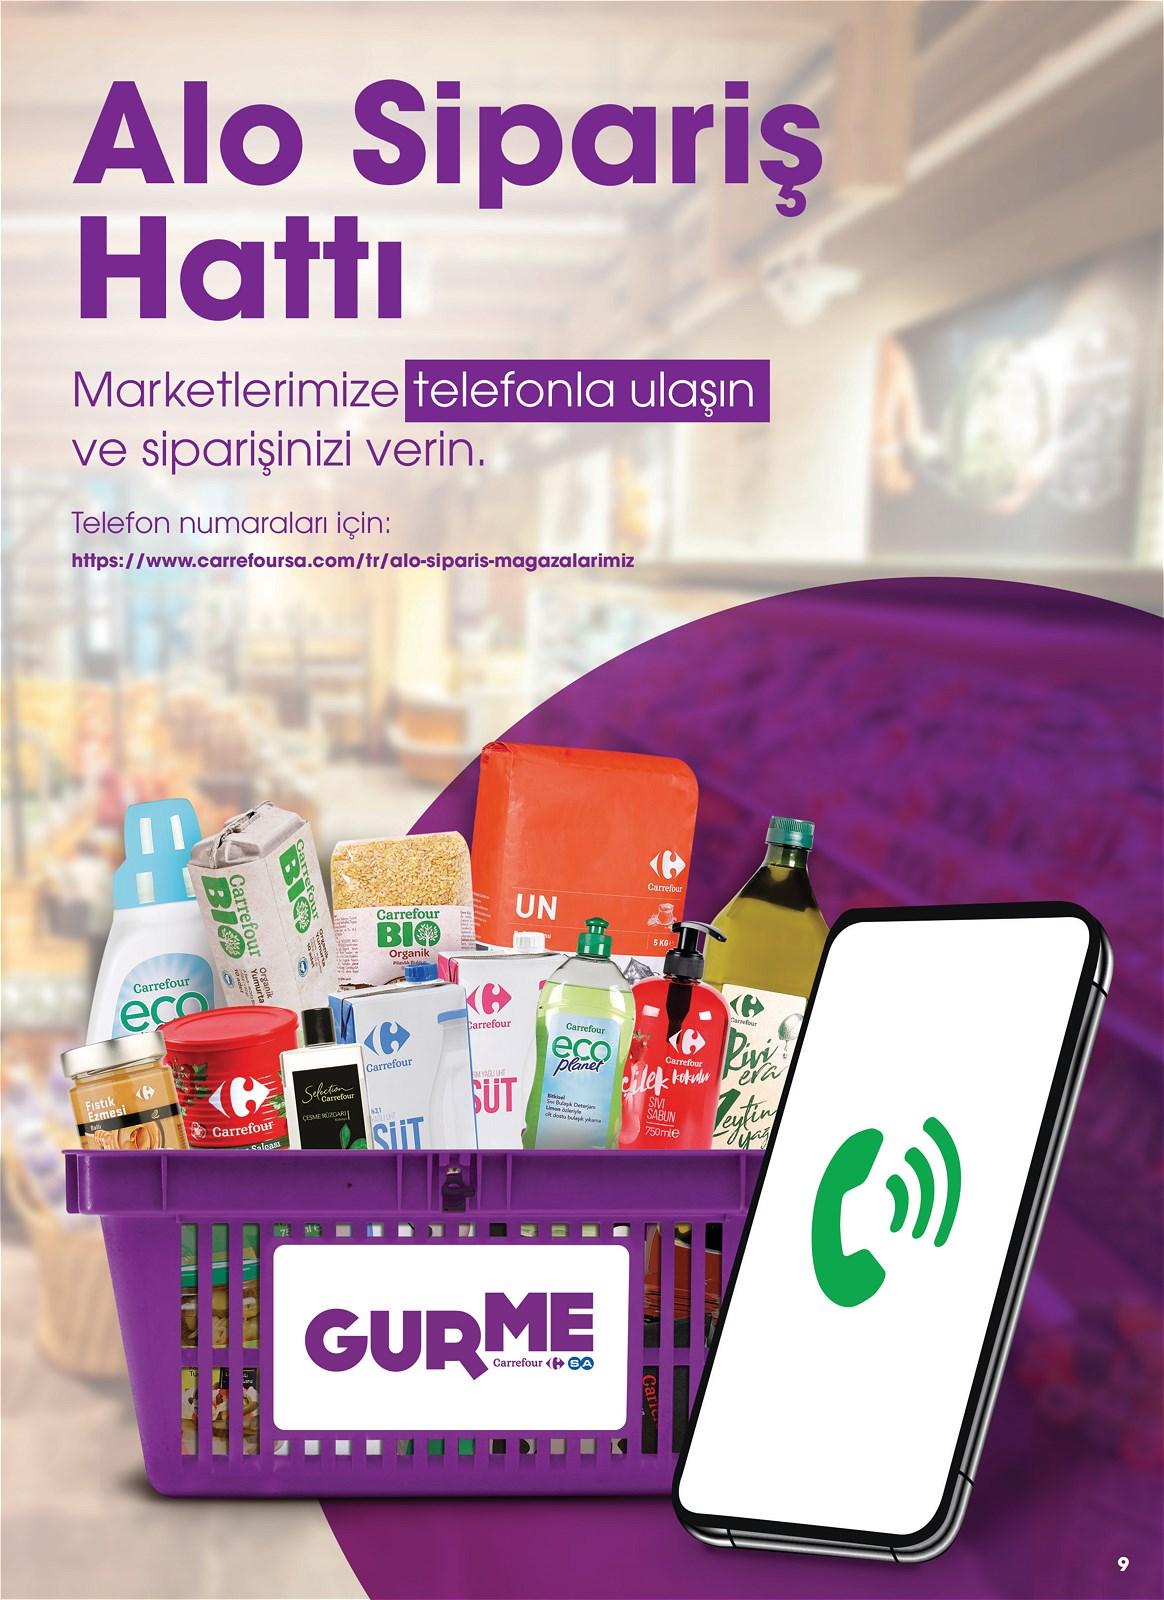 01.06.2021 CarrefourSA broşürü 9. sayfa